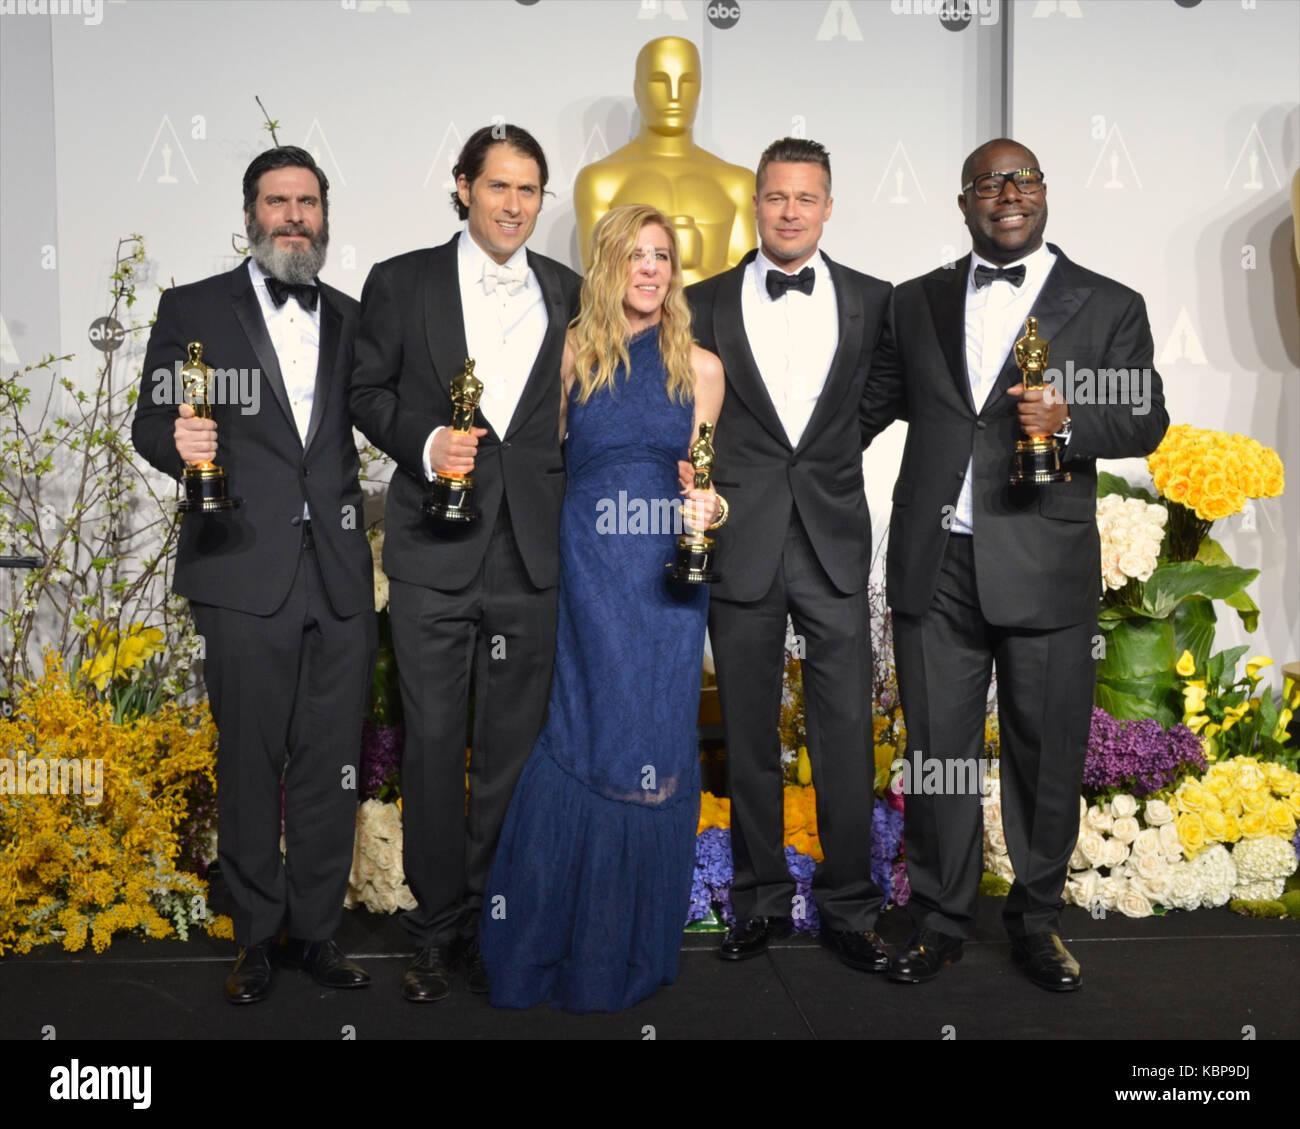 Jamie Dornan and his wife Amelia Warner attend BAFTAs